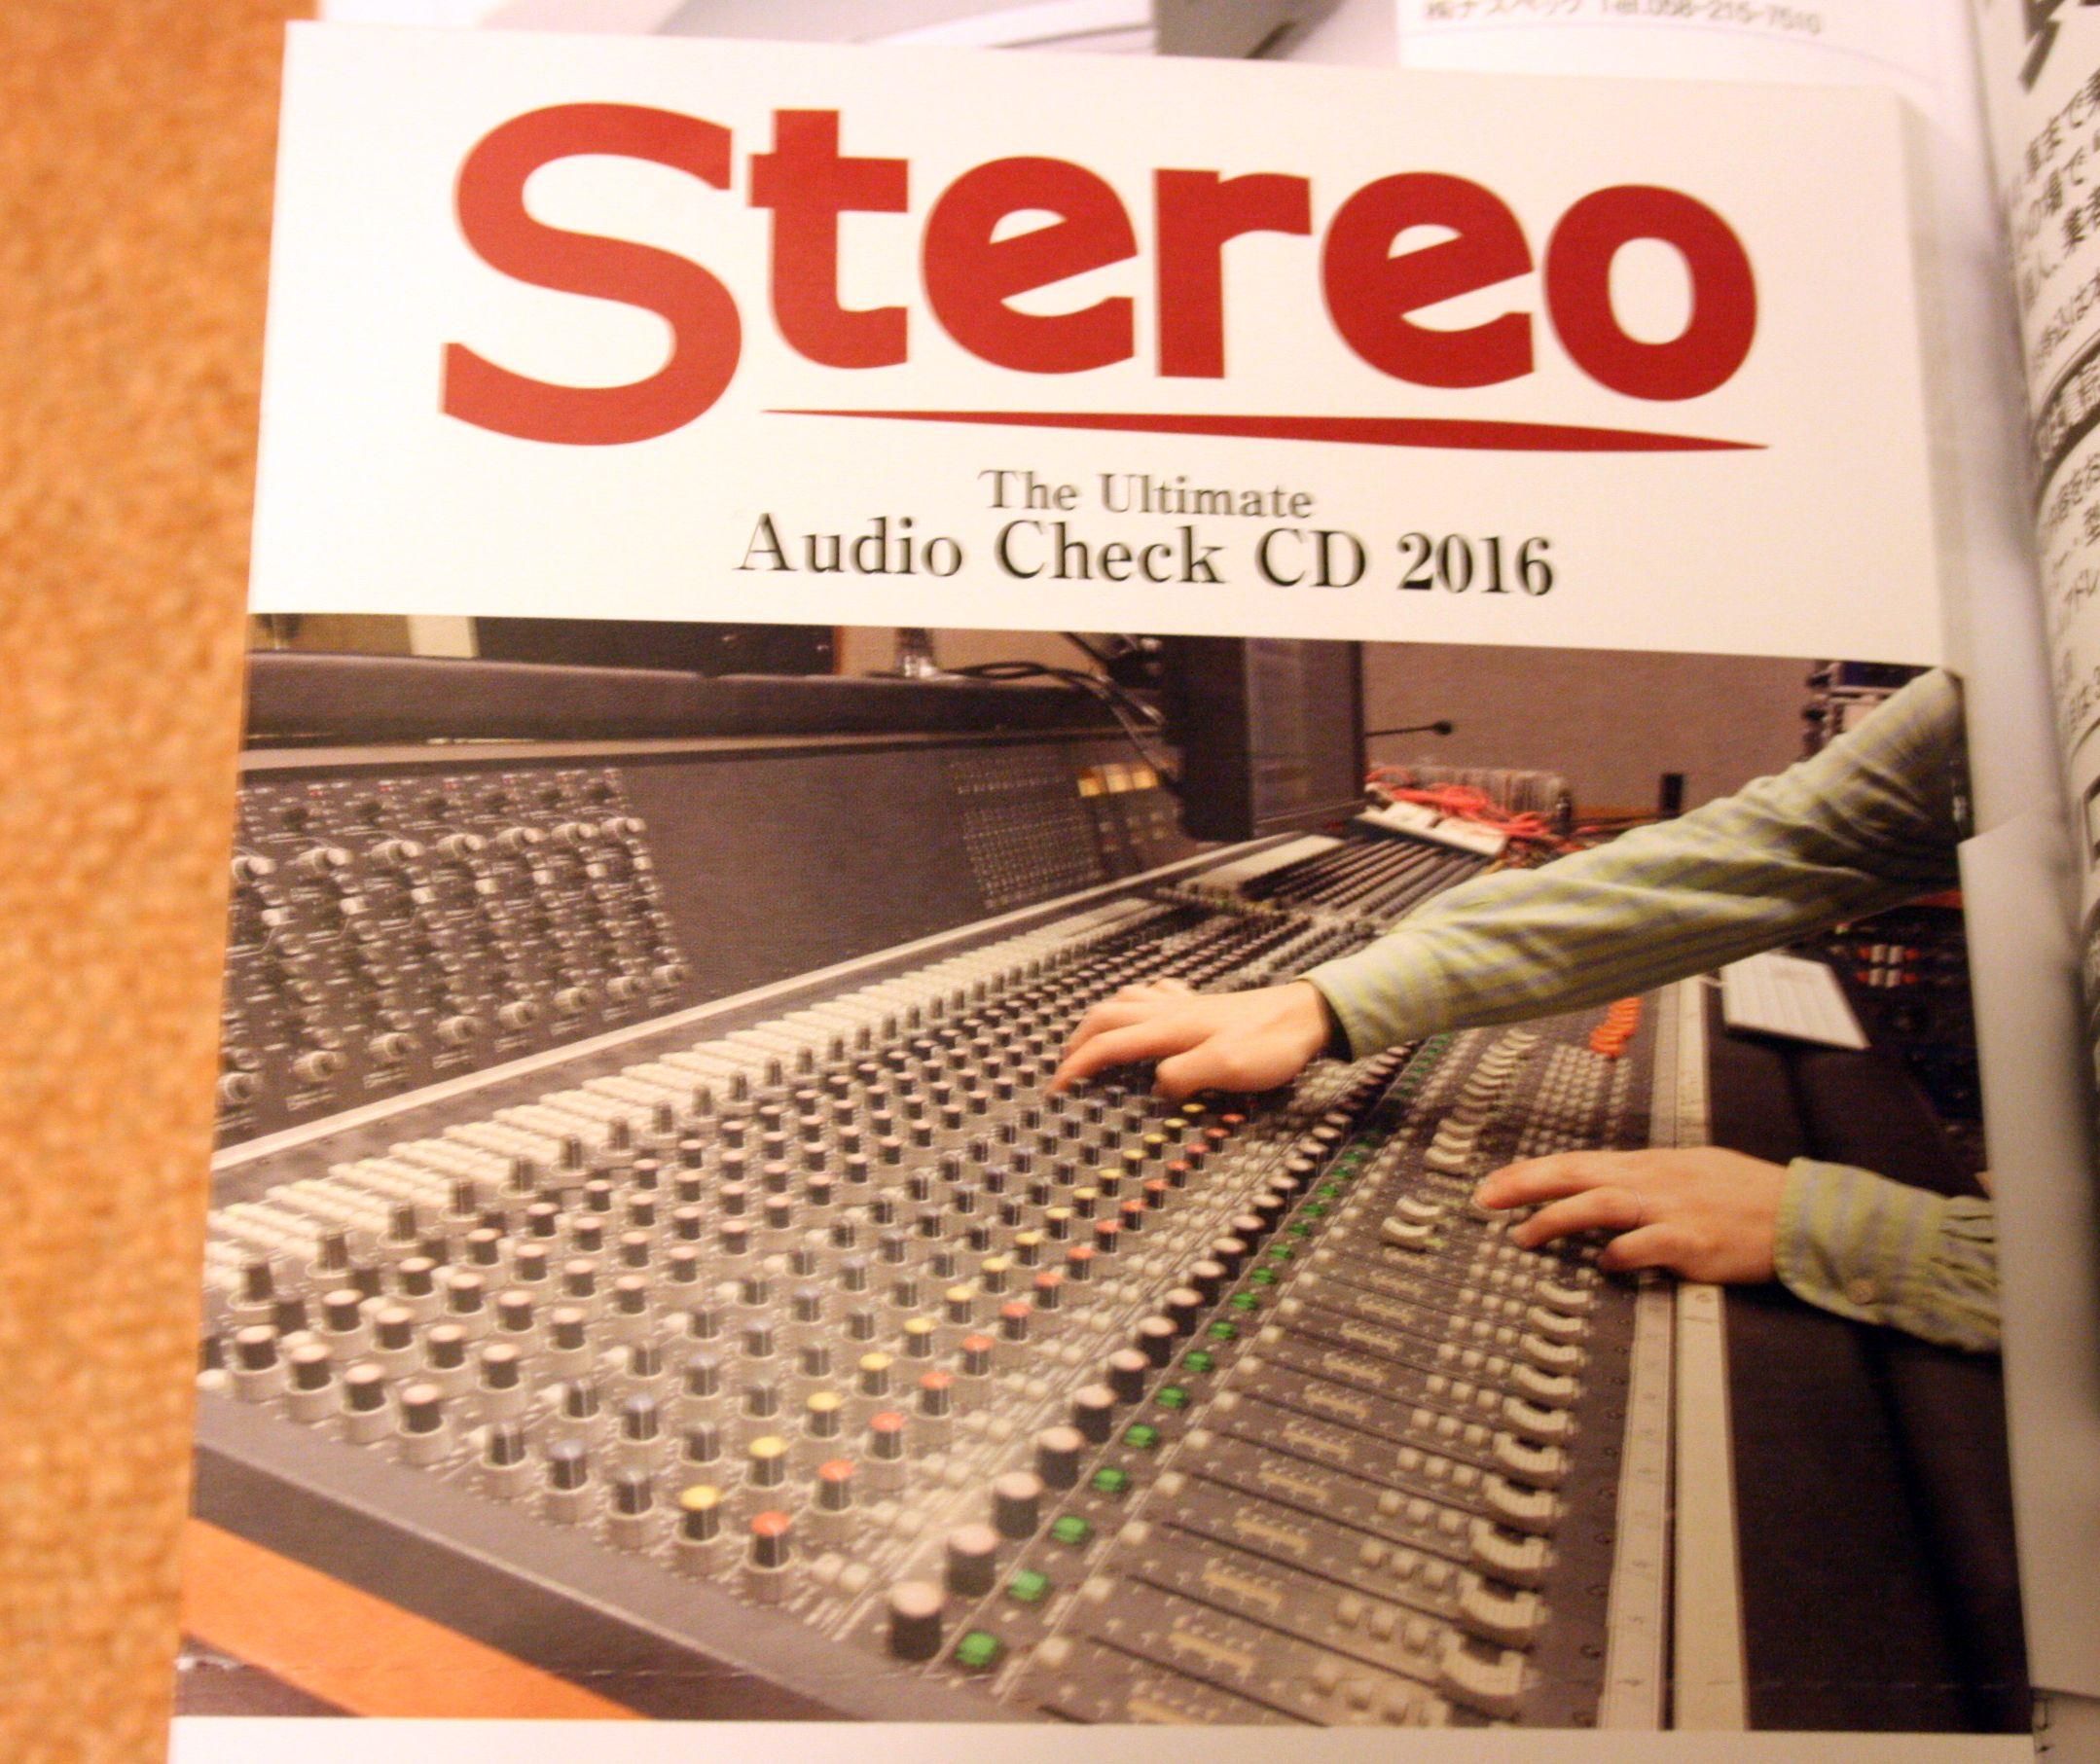 stereo201602-2.jpg